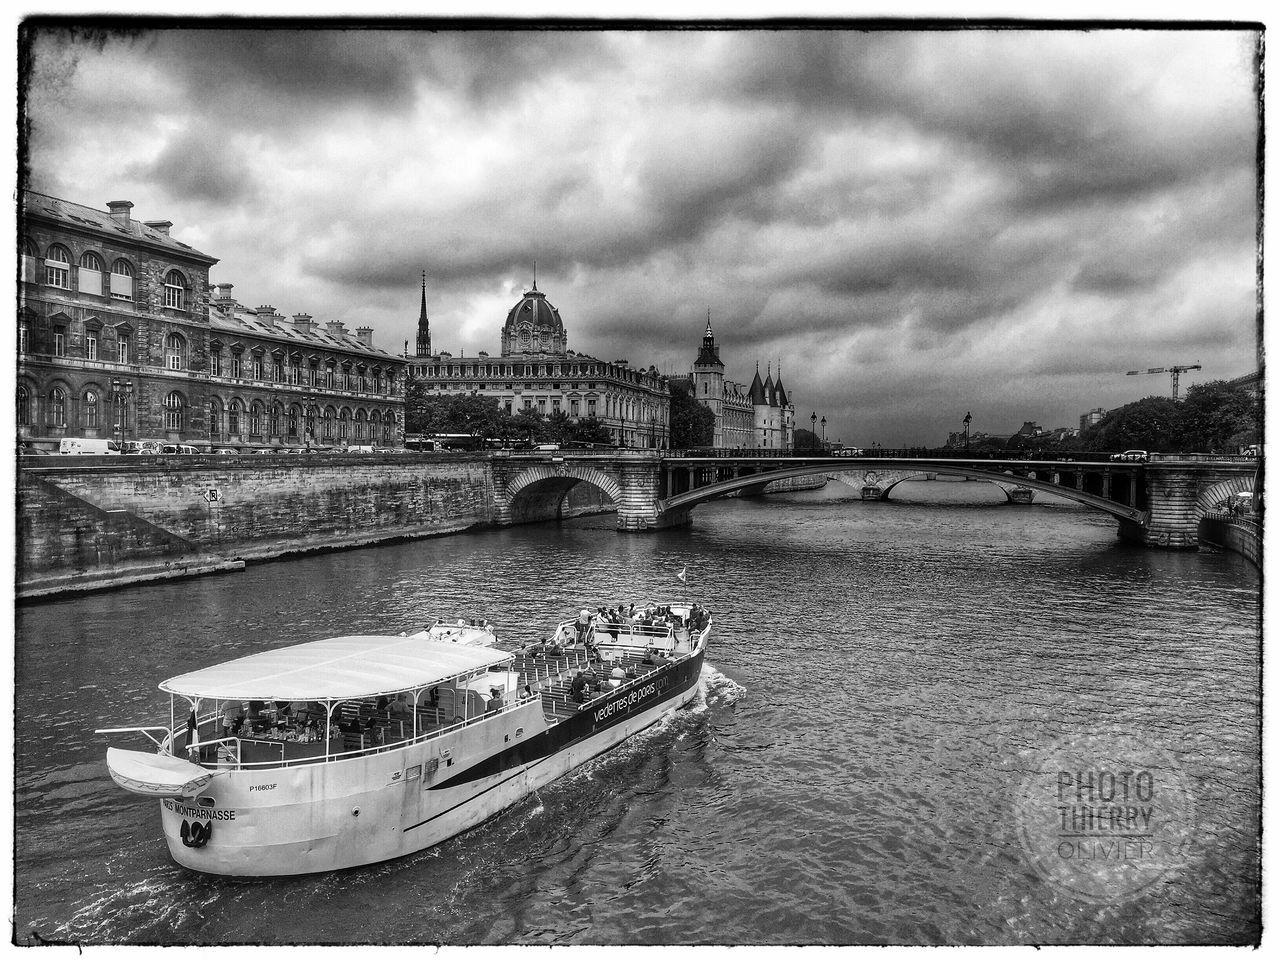 Paris Presse Rural Scenes Artphoto Notre Dame De Paris Art Gallery Art Journalism Press Photographer Noir Et Blanc Blackandwhite Photojournalism Photos Photography Photo France